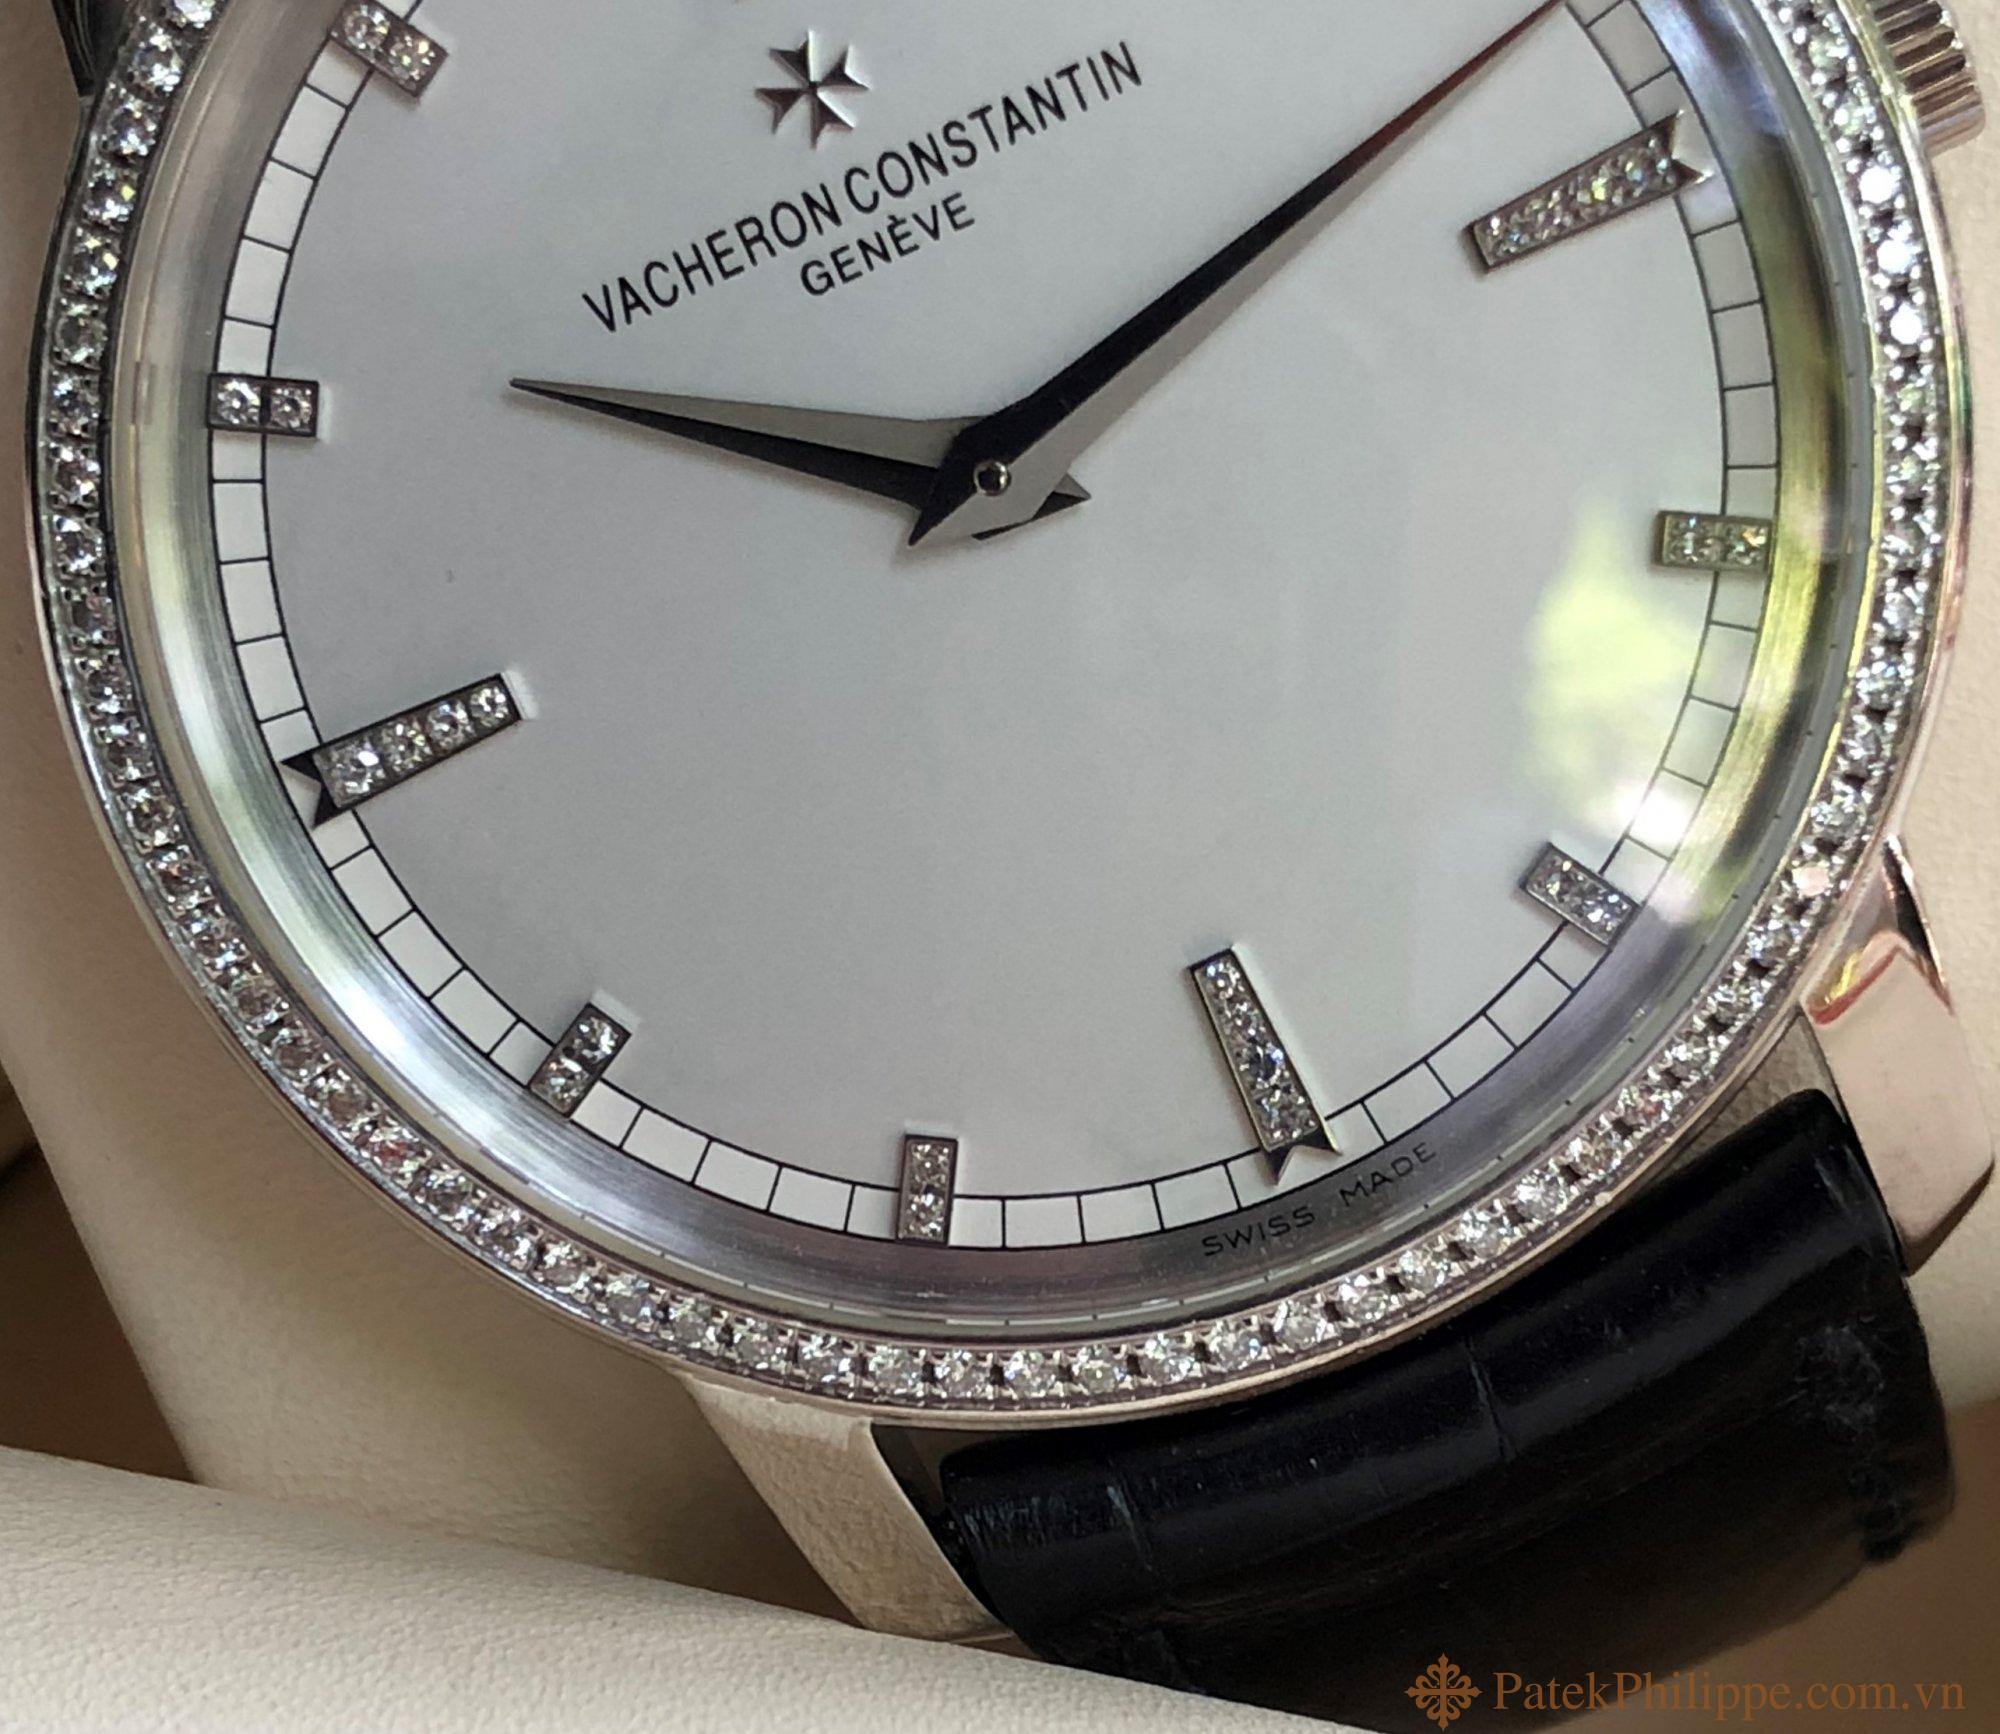 vacheron-constantin-81578-vang-trang-nieng-kim-cuong-zin-8.jpg